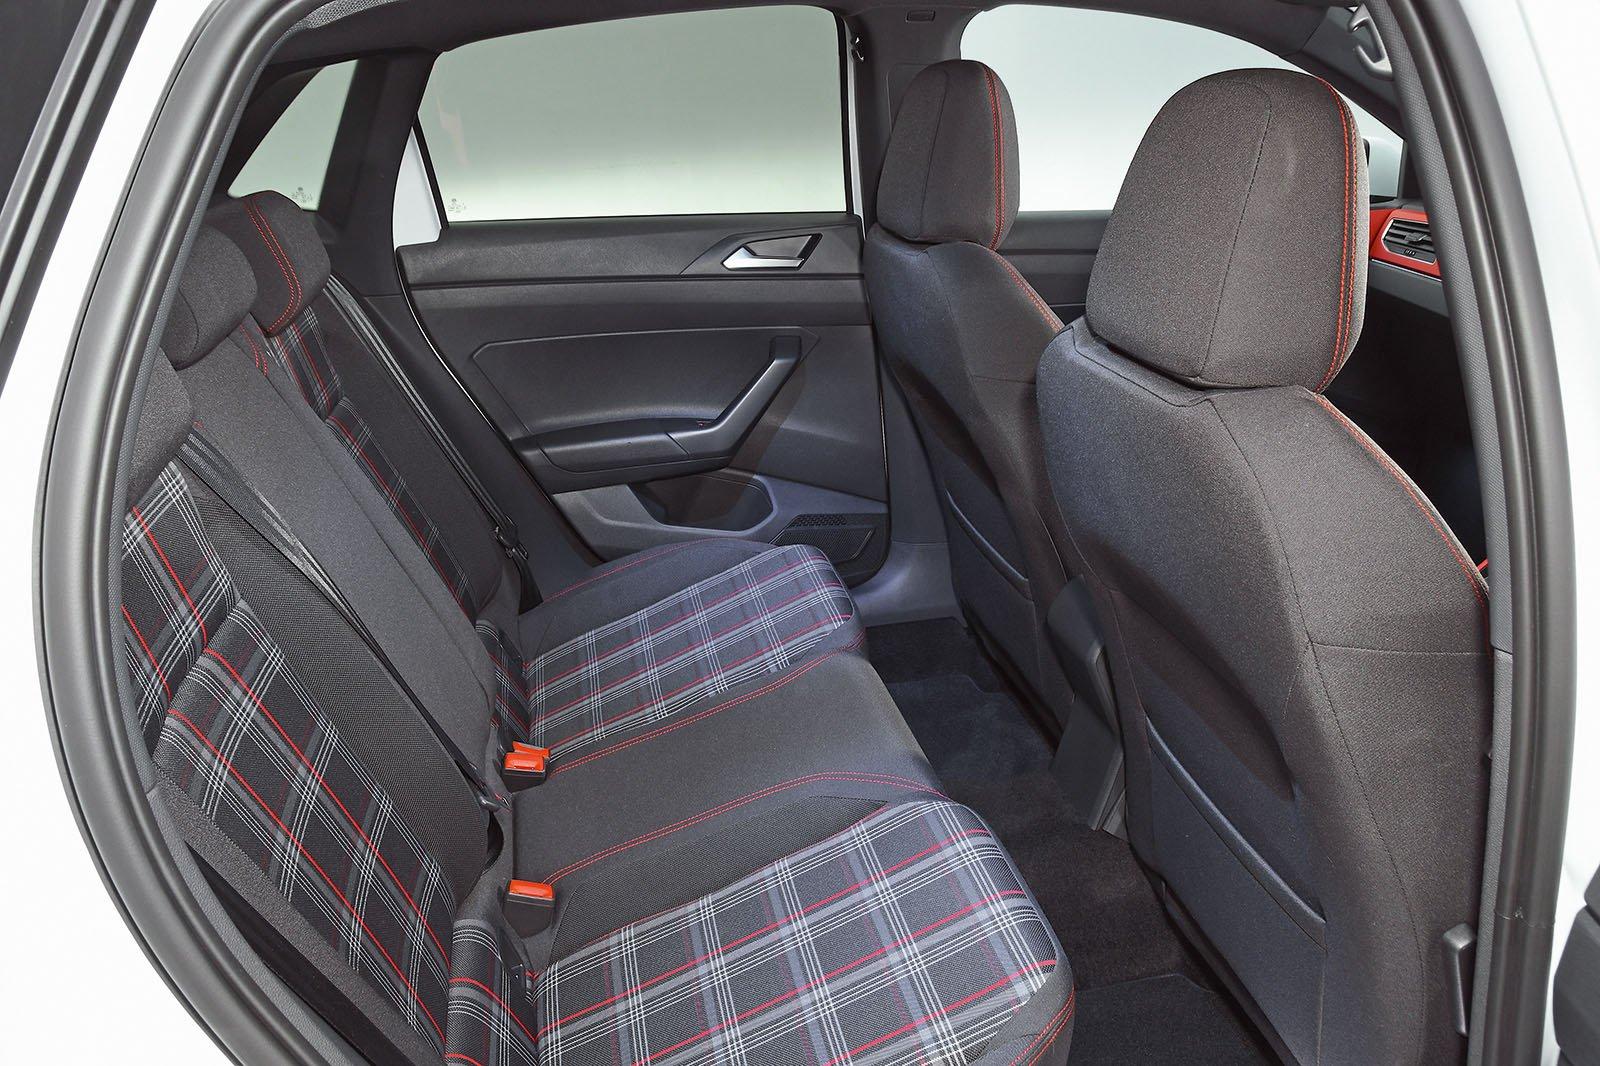 2018 Volkswagen Polo GTI rear seats